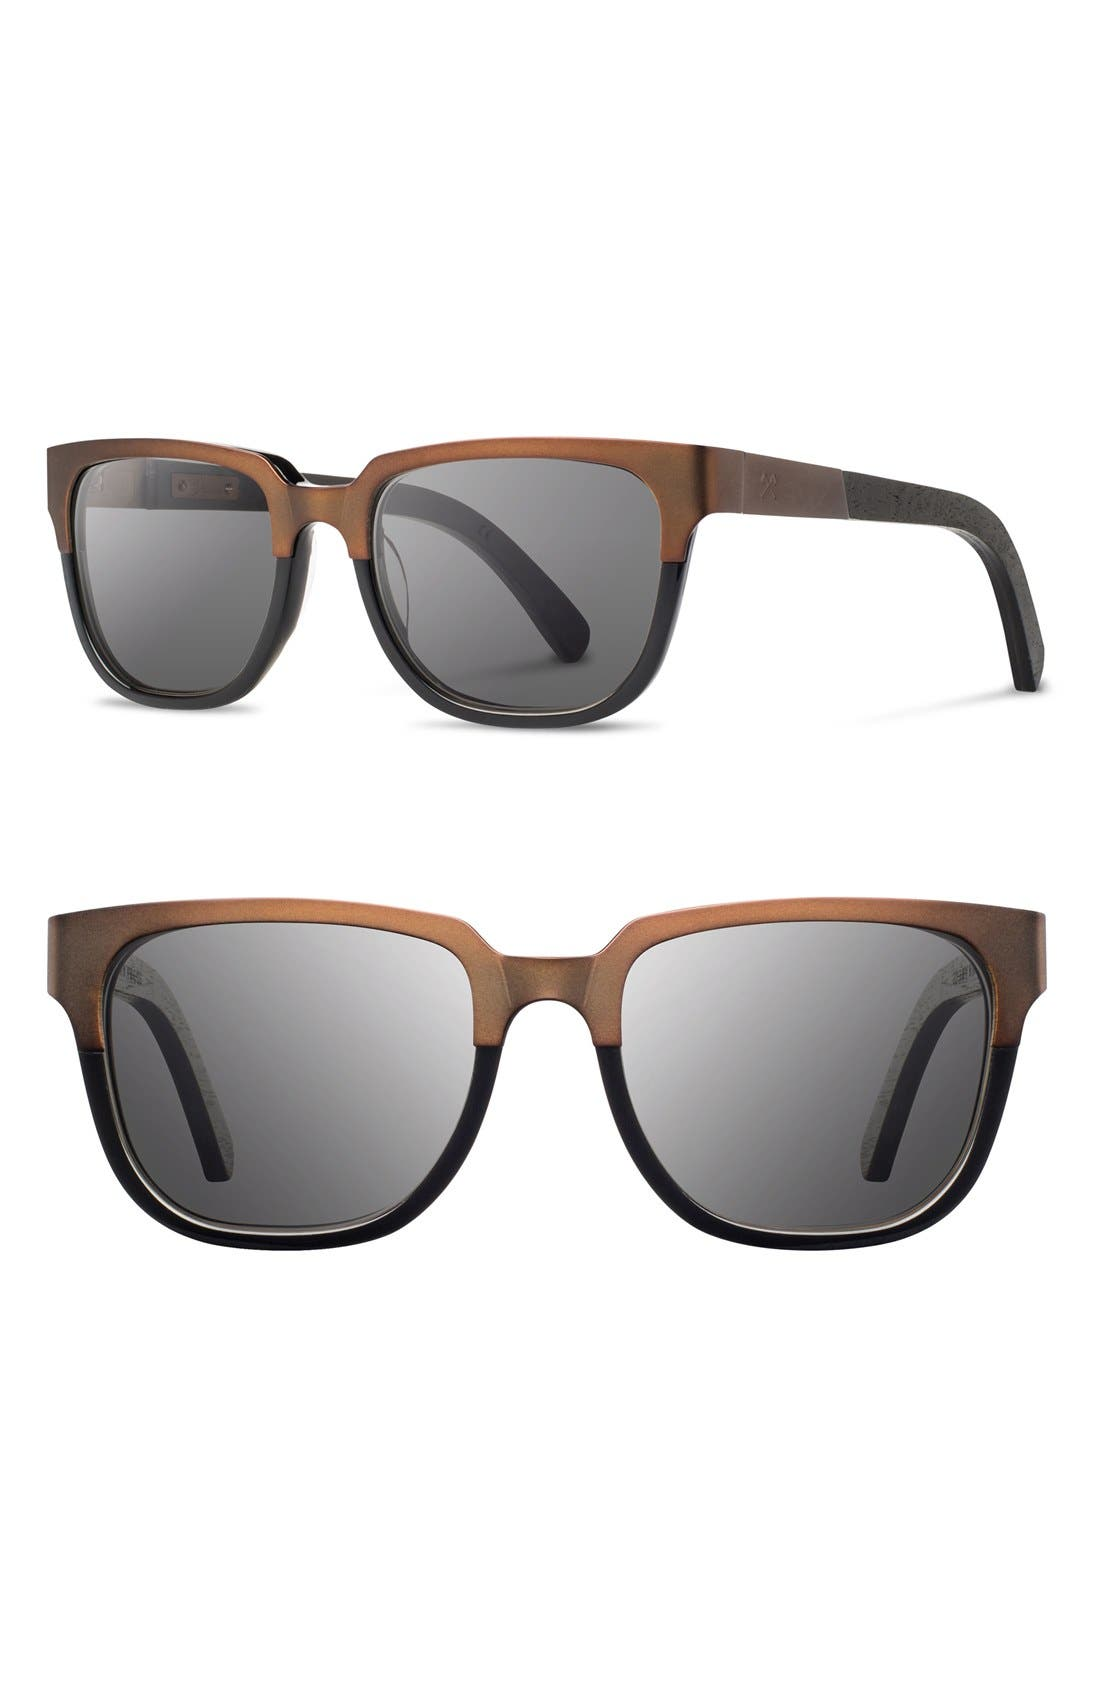 909c0998438b Women s Sunglasses - Shwood